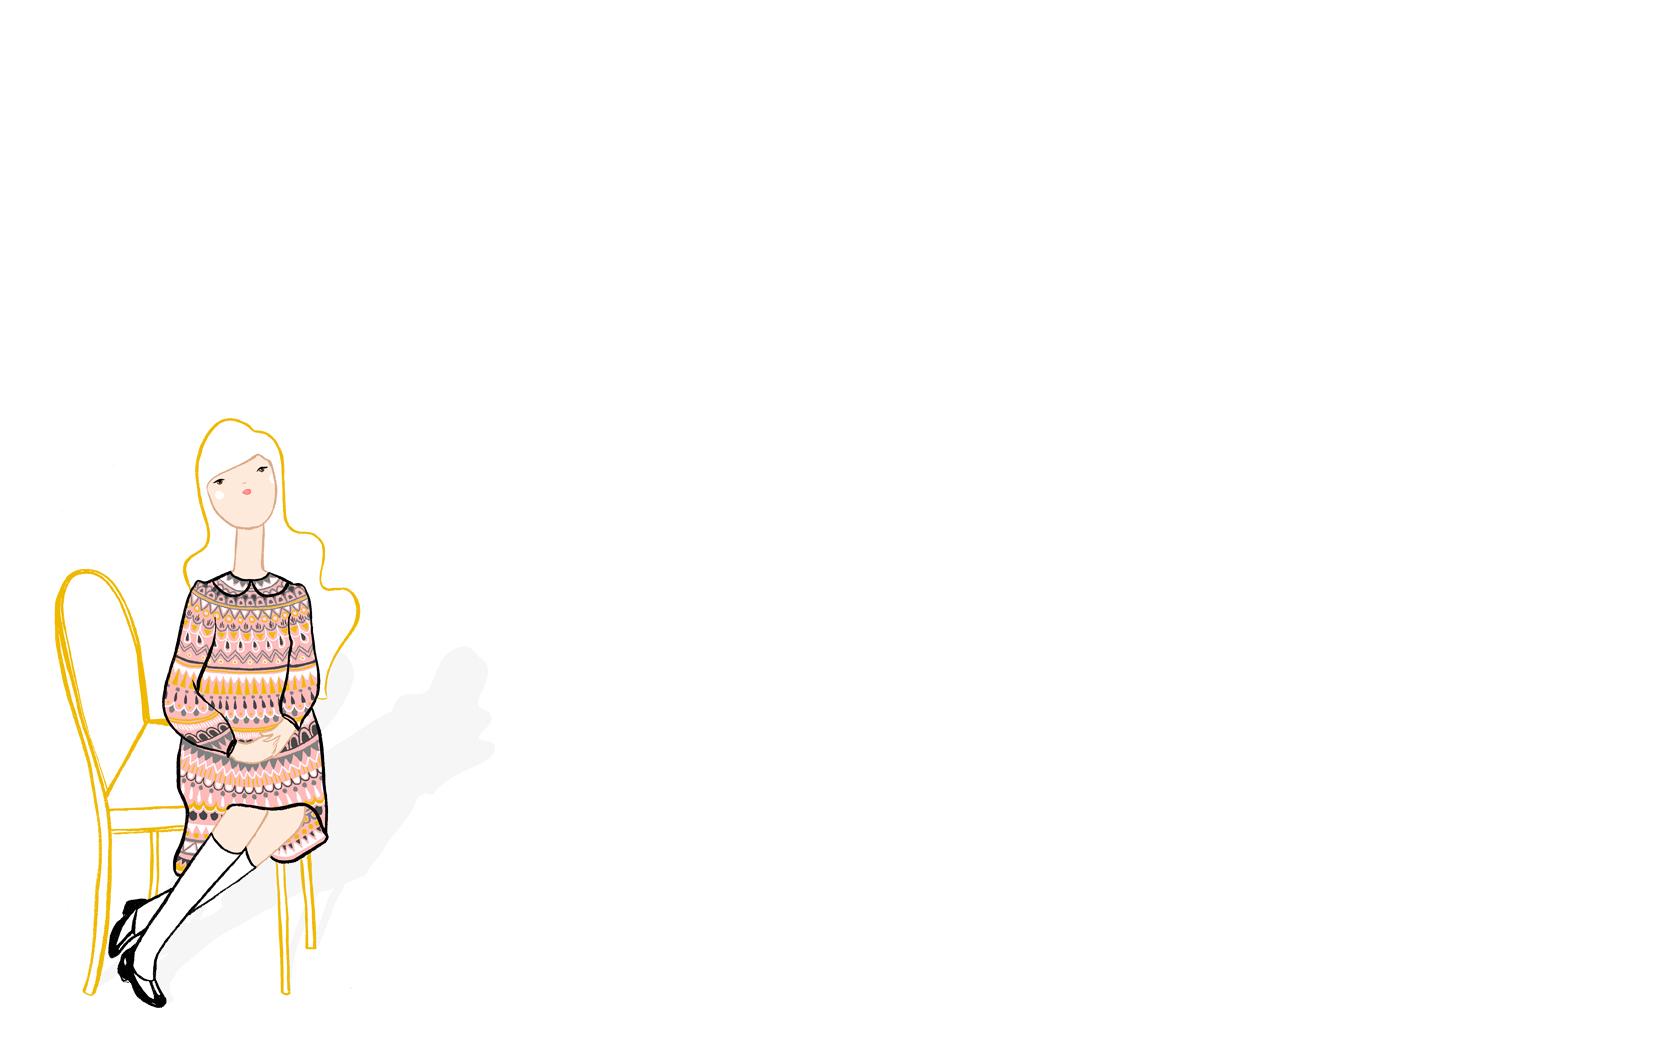 可愛い女の子のイラスト : シンプルだけどお洒落!pcデスクトップ壁紙